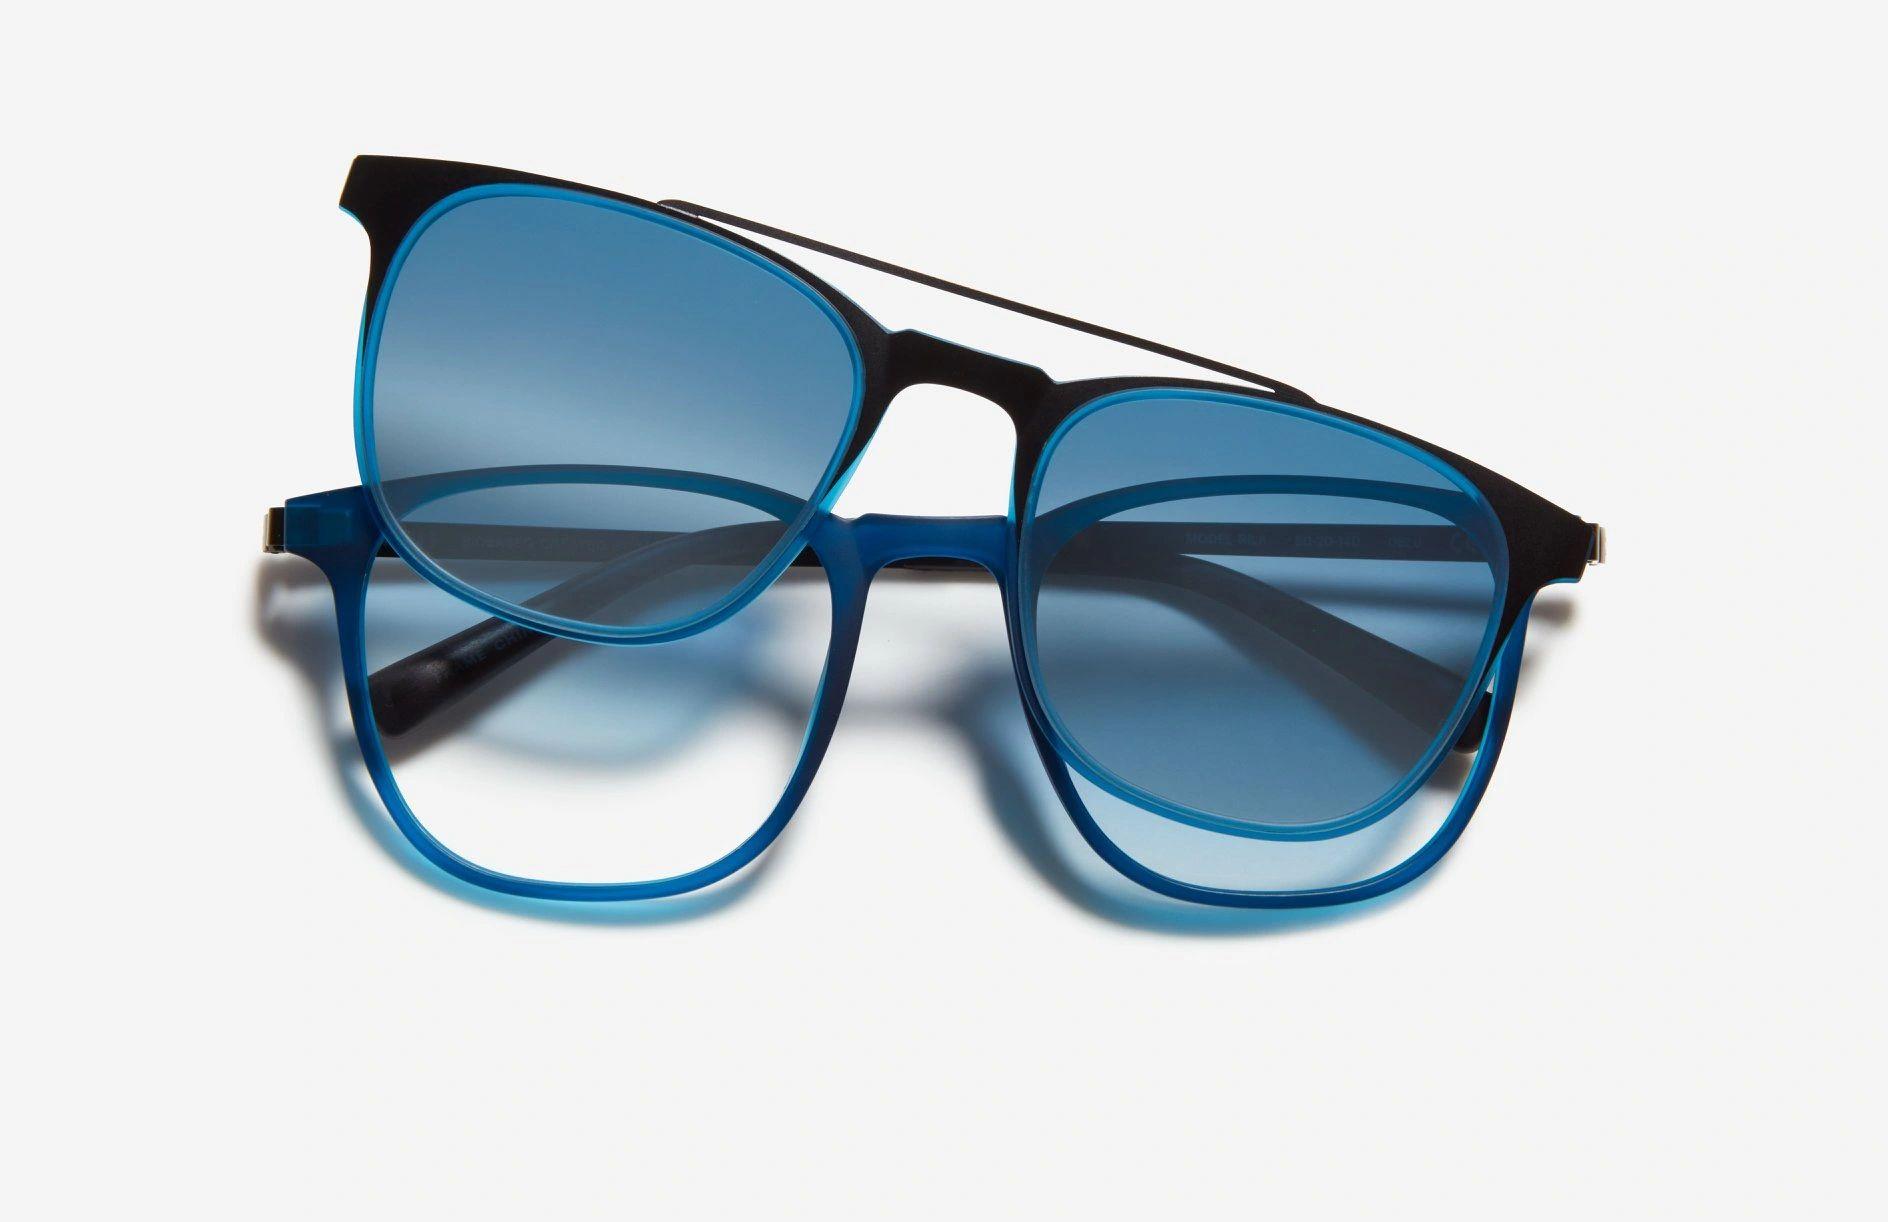 39fce0efa931 Optometrist in Prince Rupert | Eyeglasses | Contact Lenses | Dr. Katarina  Markin | Dr. Davinder Sidhu | Dr. Daphne Cheng | Dr. Dave Sidhu